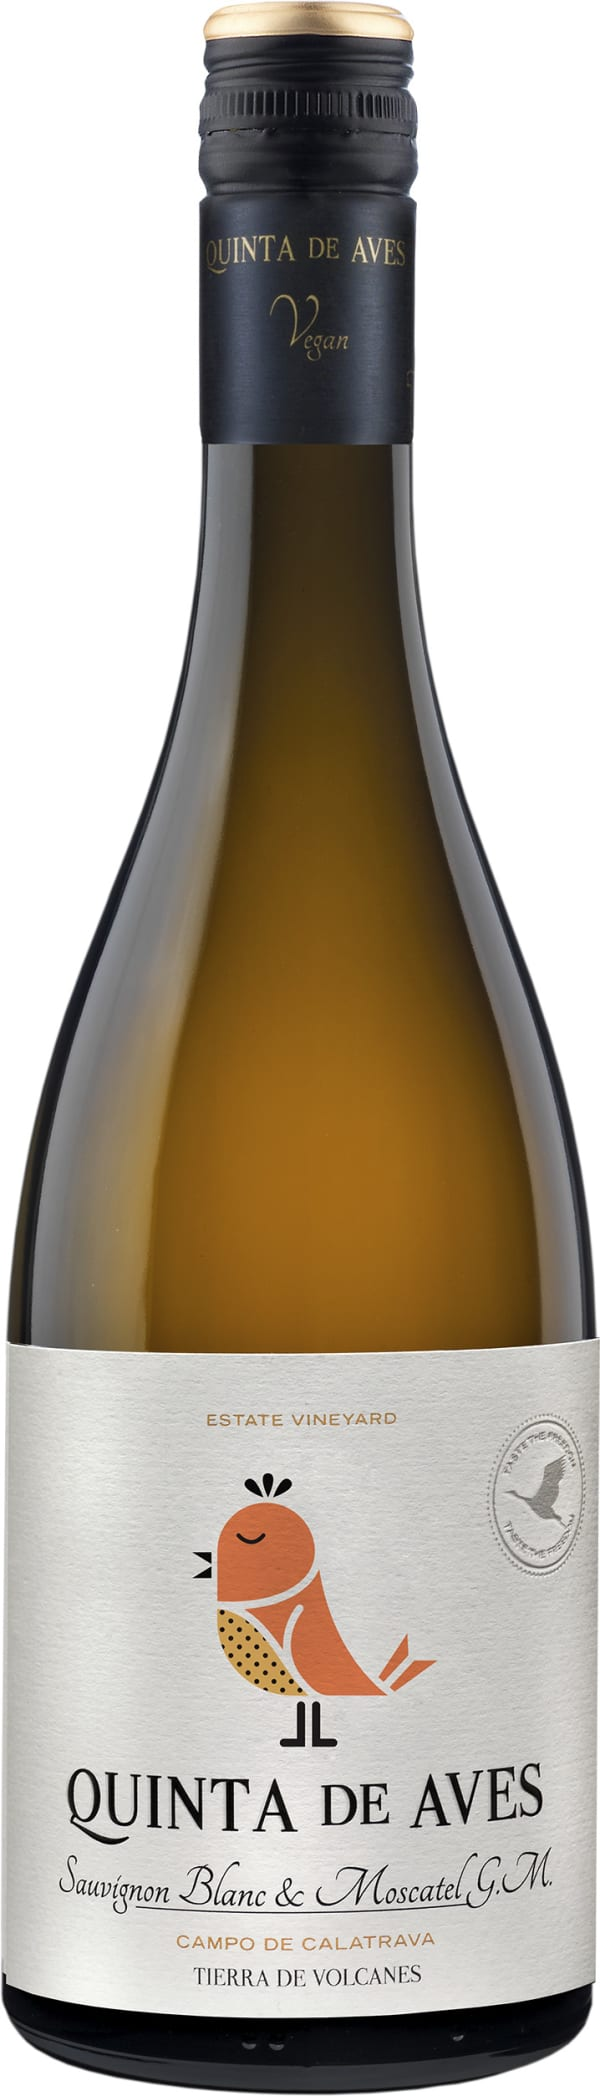 Quinta de Aves Sauvignon Blanc Moscatel G.M. 2017